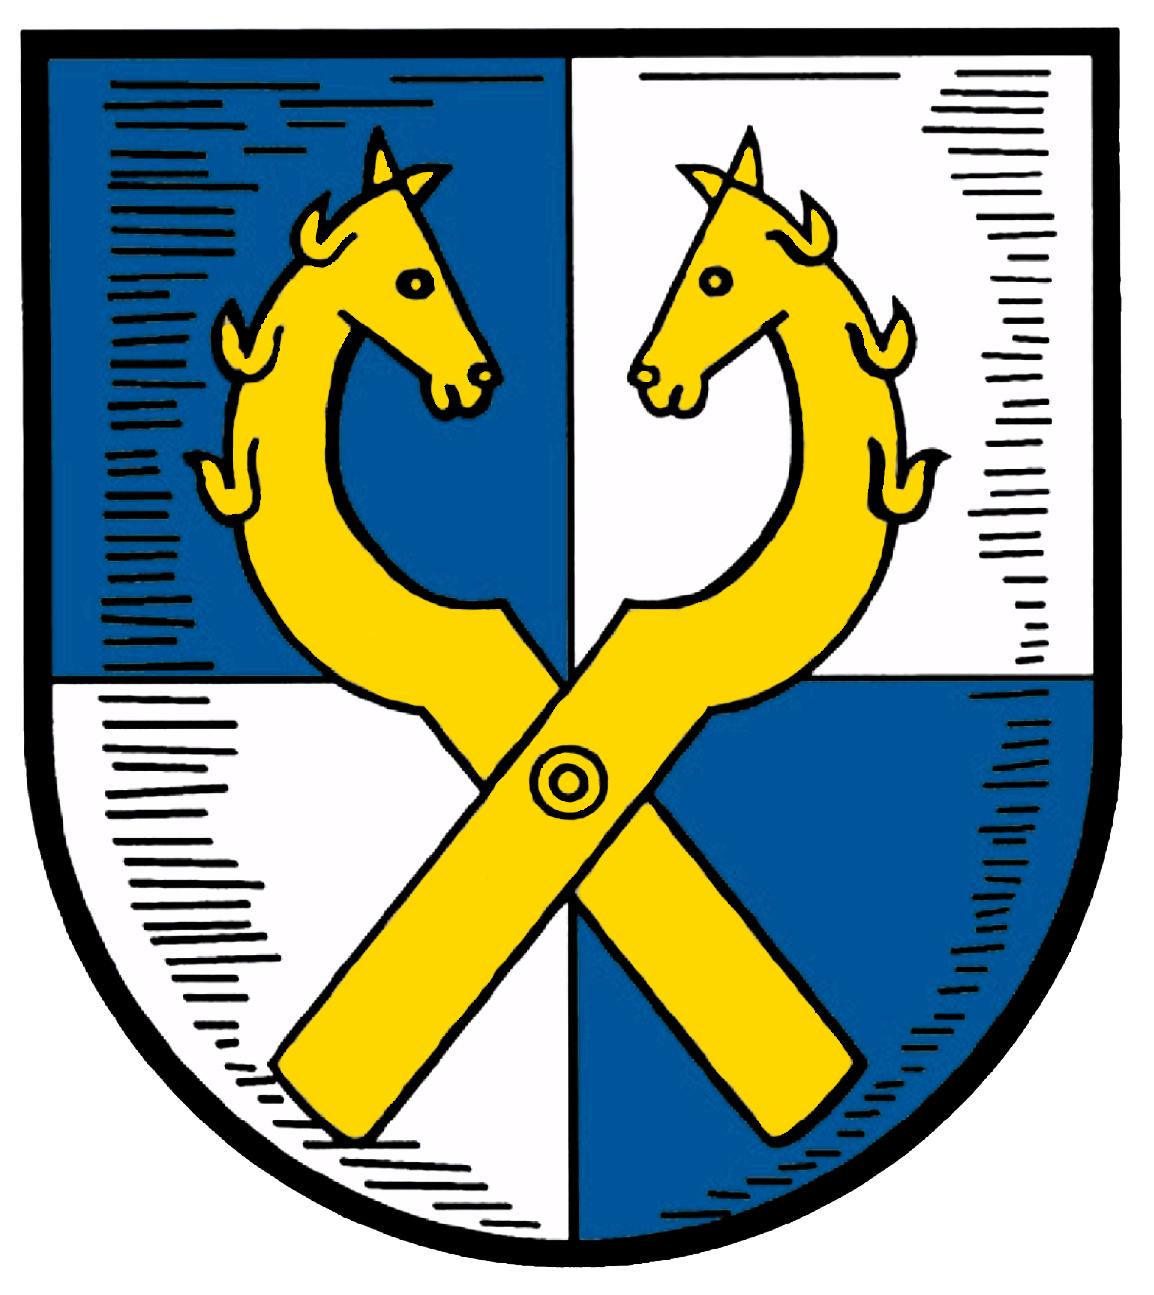 Wappen der Gemeinde Kakenstorf.jpg